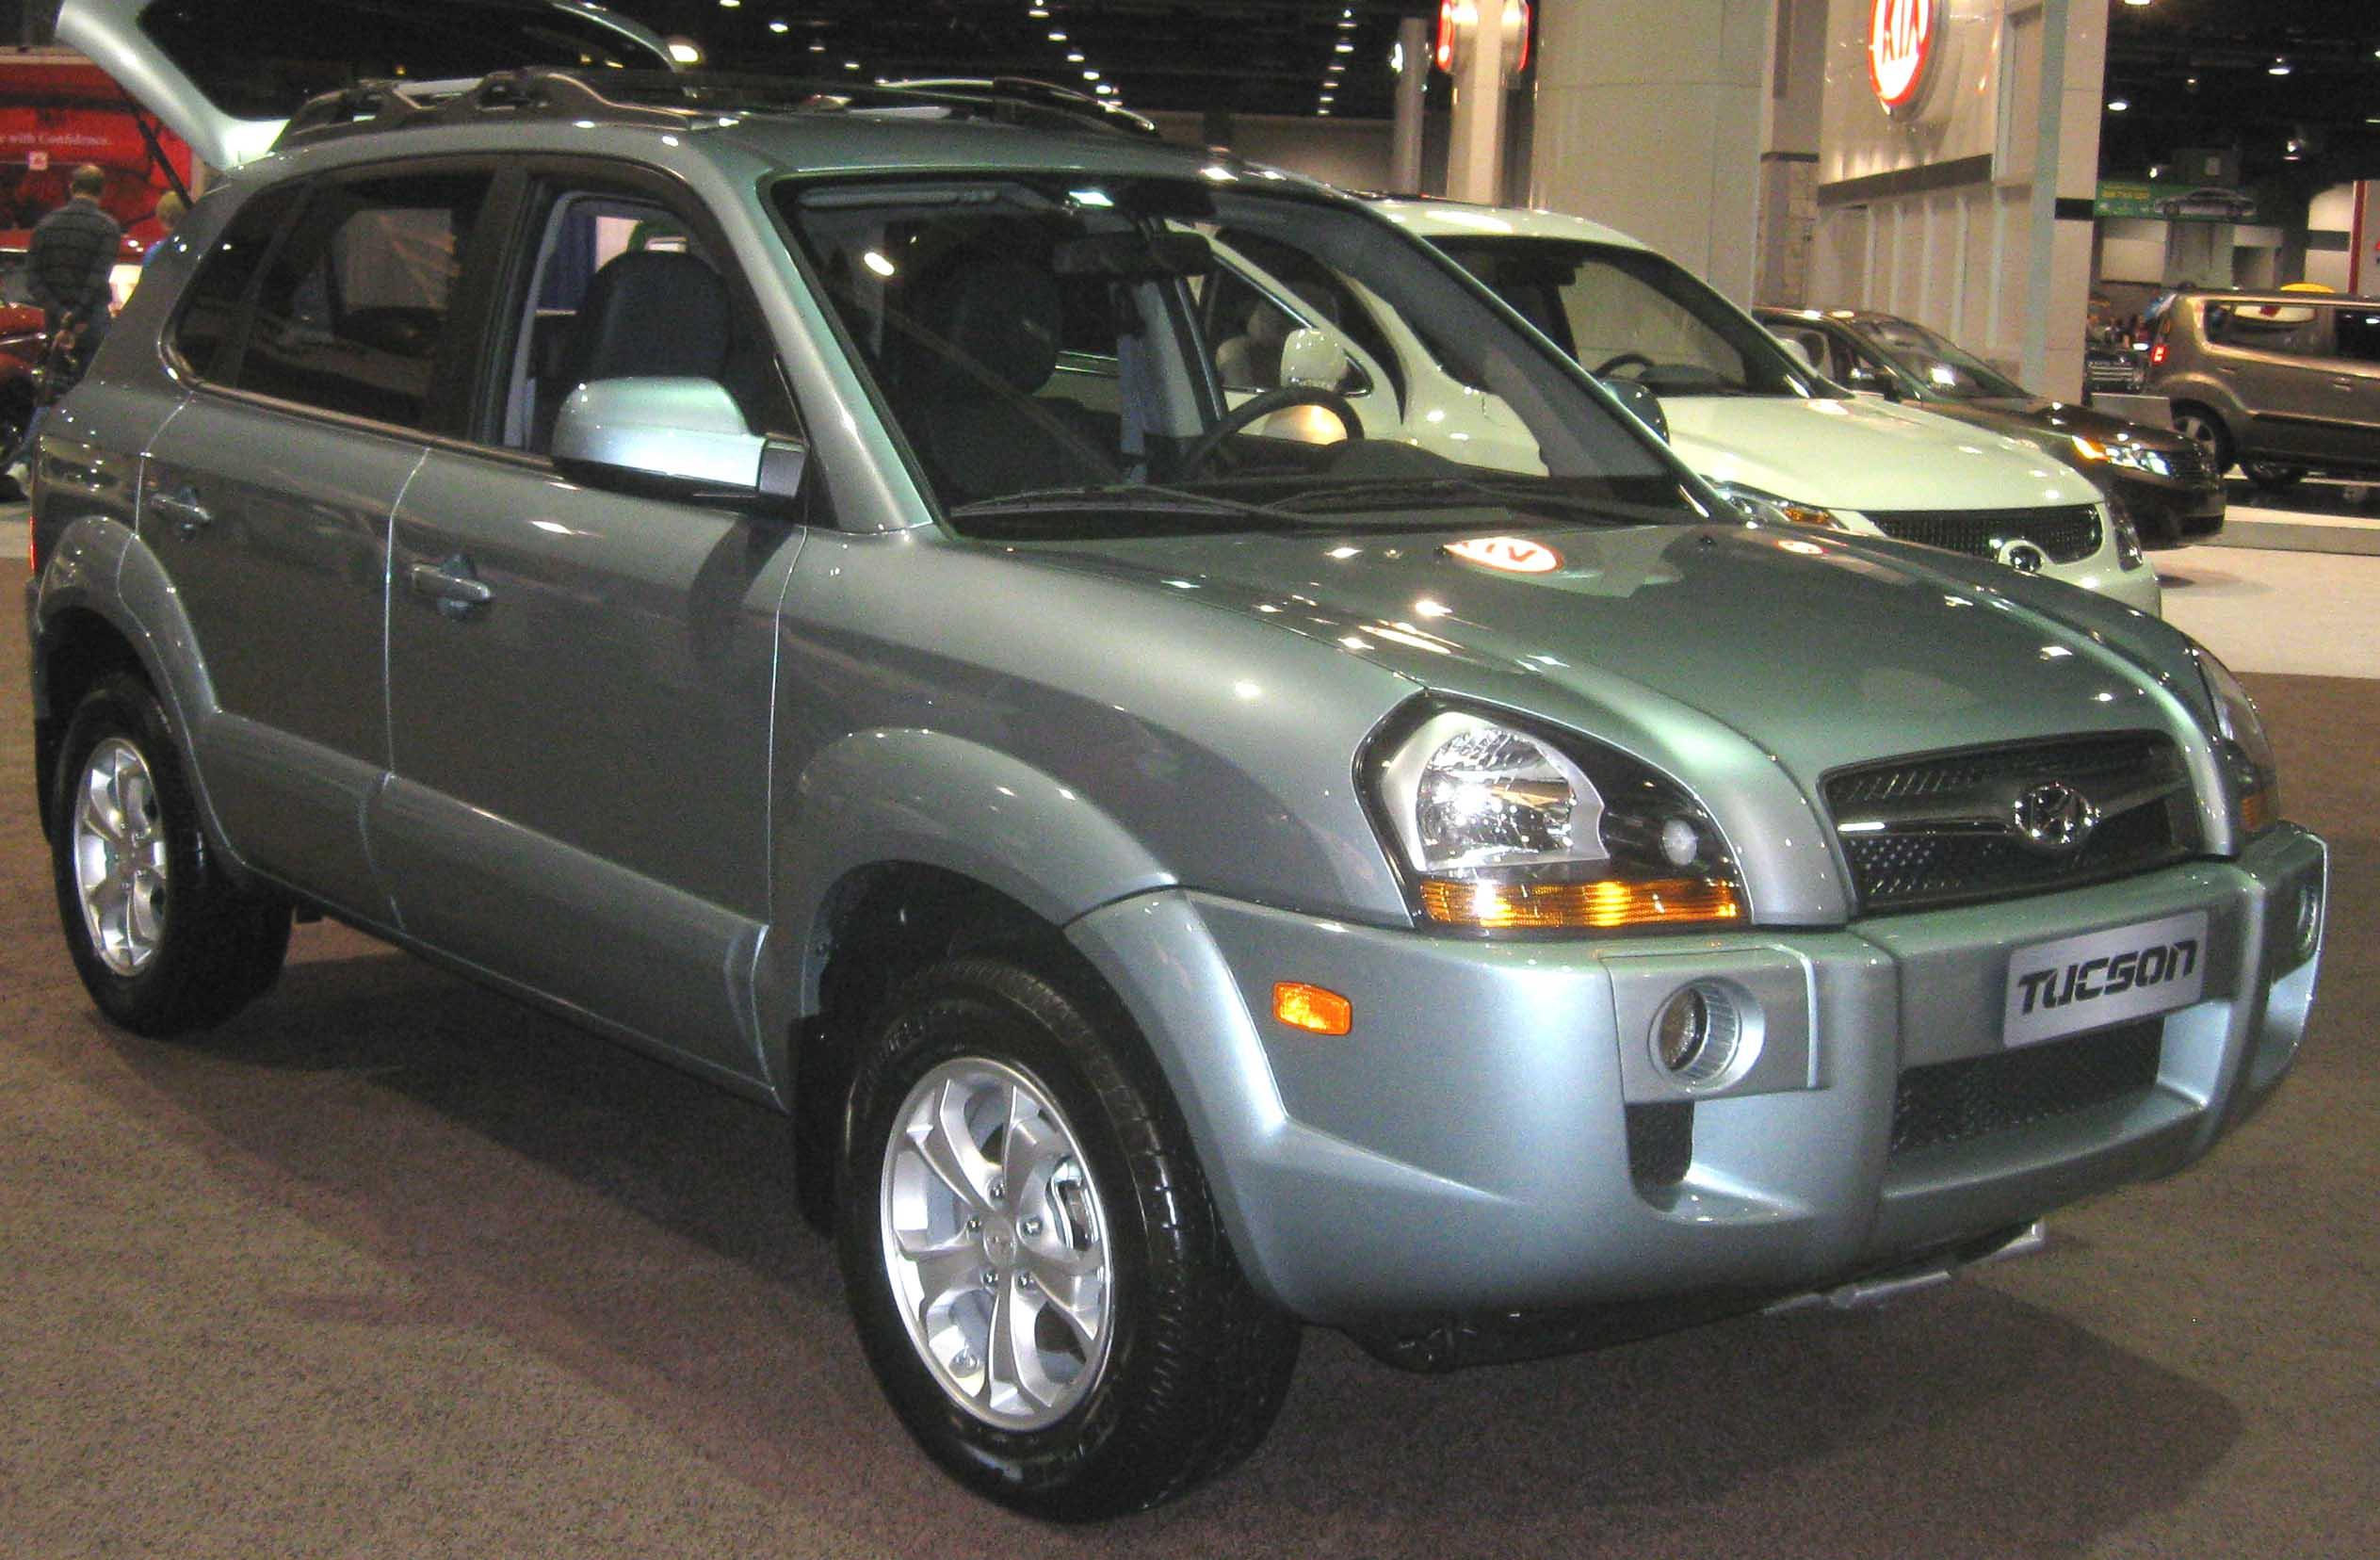 Hyundai Tucson Руководство По Ремонту В Фотографиях Скачать